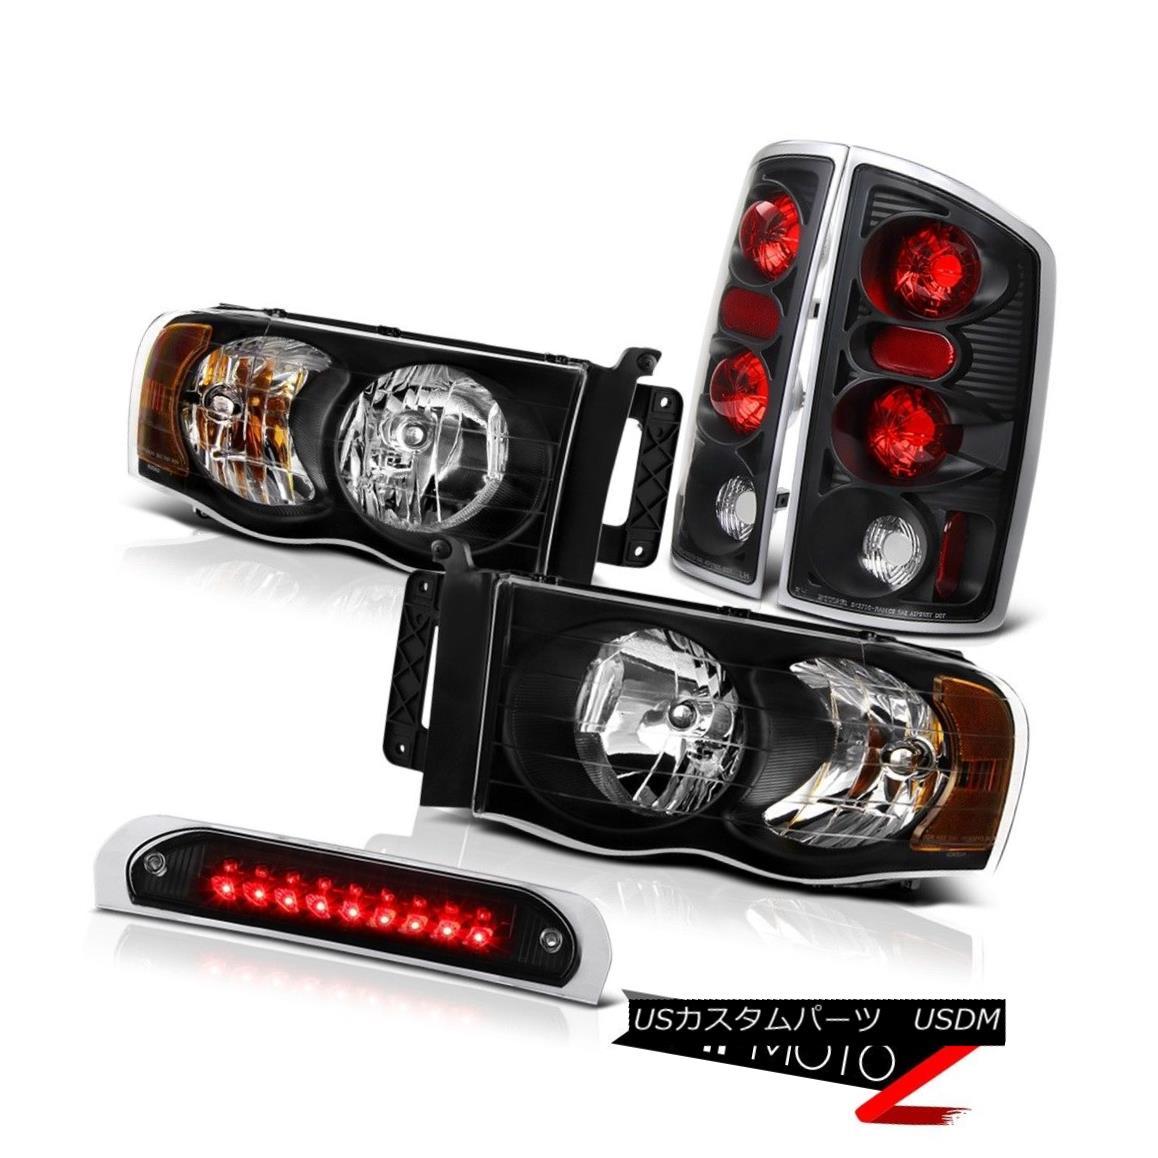 テールライト Jet Black Headlights Brake Tail Lights Roof Brake Cargo LED 02 03 04 05 Ram 1500 ジェットブラックヘッドライトブレーキテールライトルーフブレーキカーゴLED 02 03 04 05ラム1500